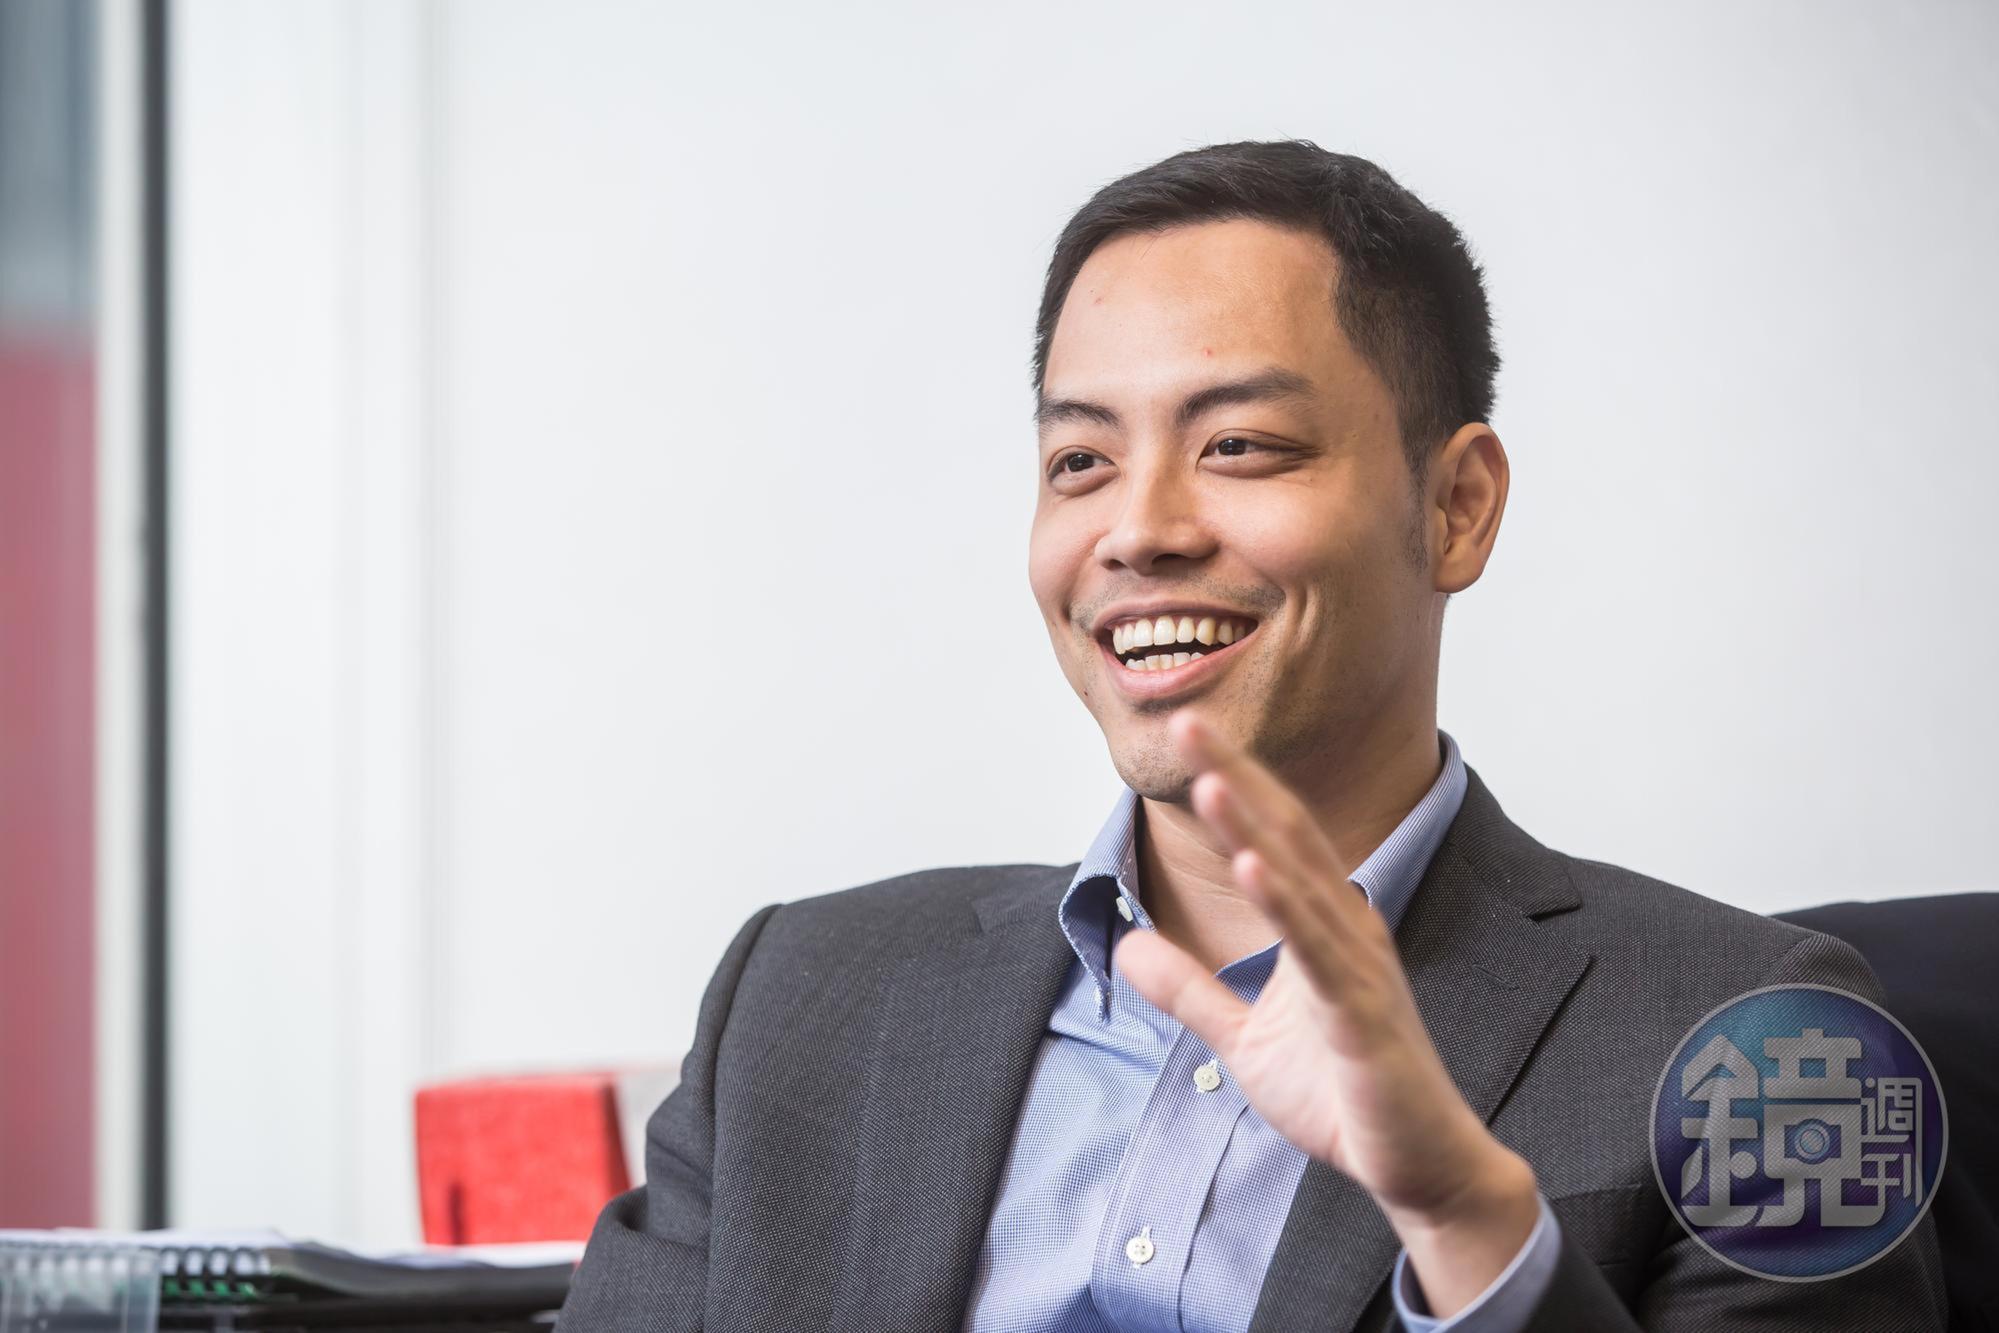 今年5月,楊威遠接下美德醫療集團執行長一職,準備大展身手。